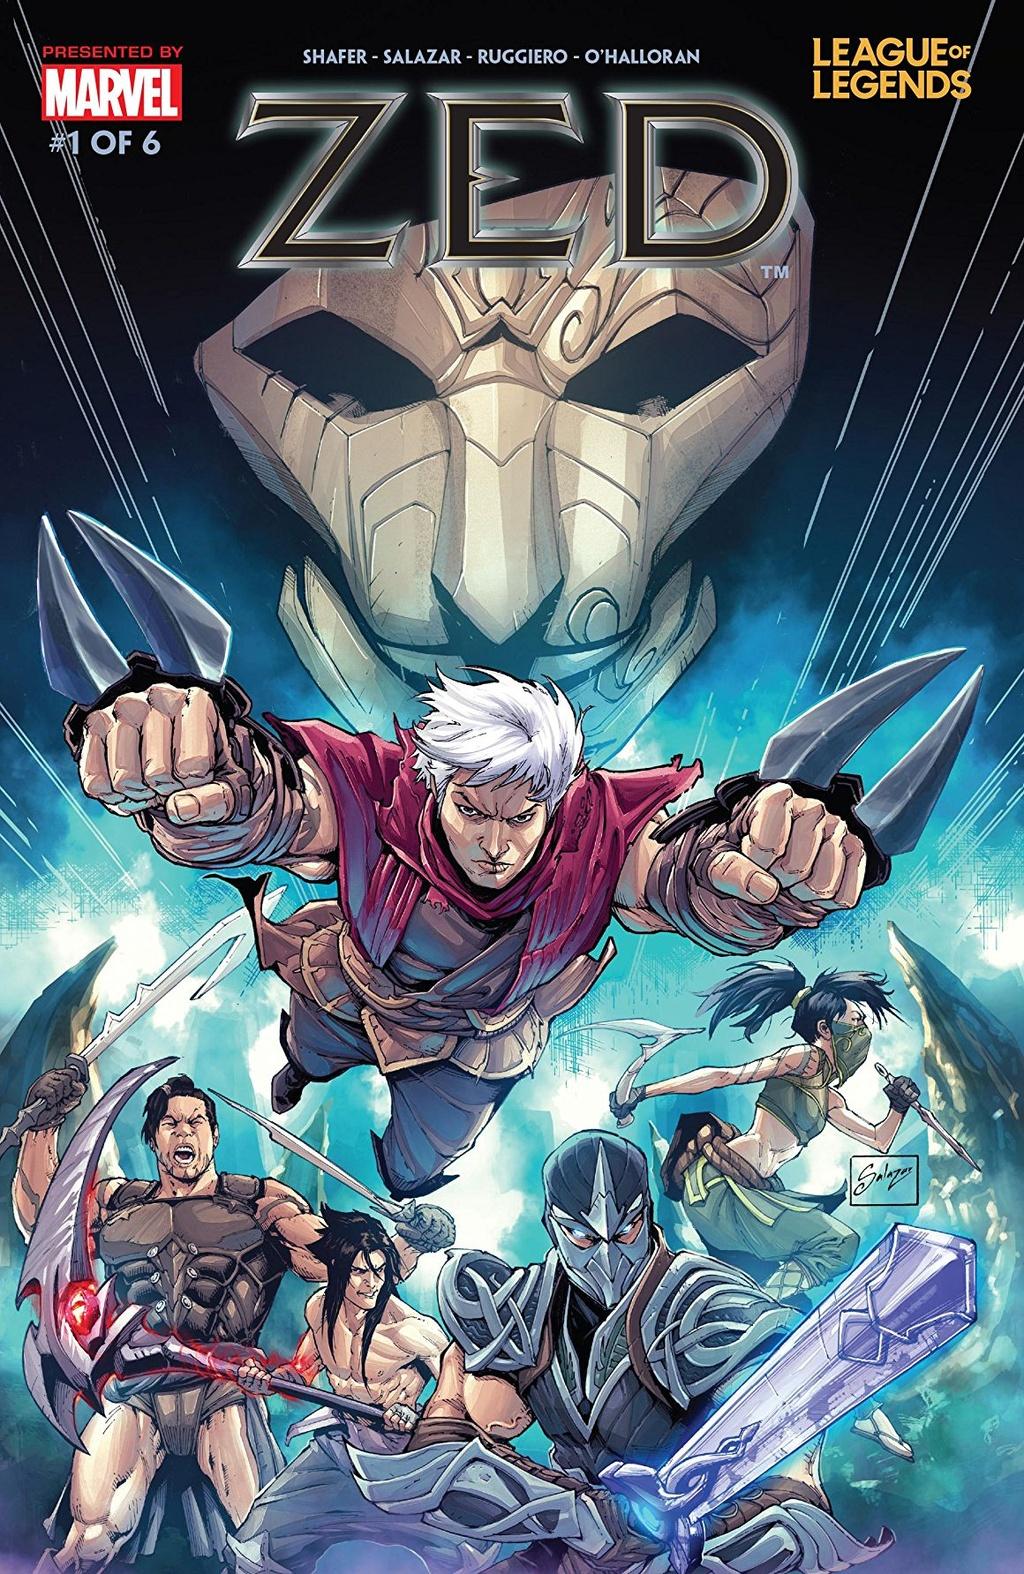 Riot bắt tay với Marvel sản xuất truyện tranh về tướng Zed - Game -  ZINGNEWS.VN